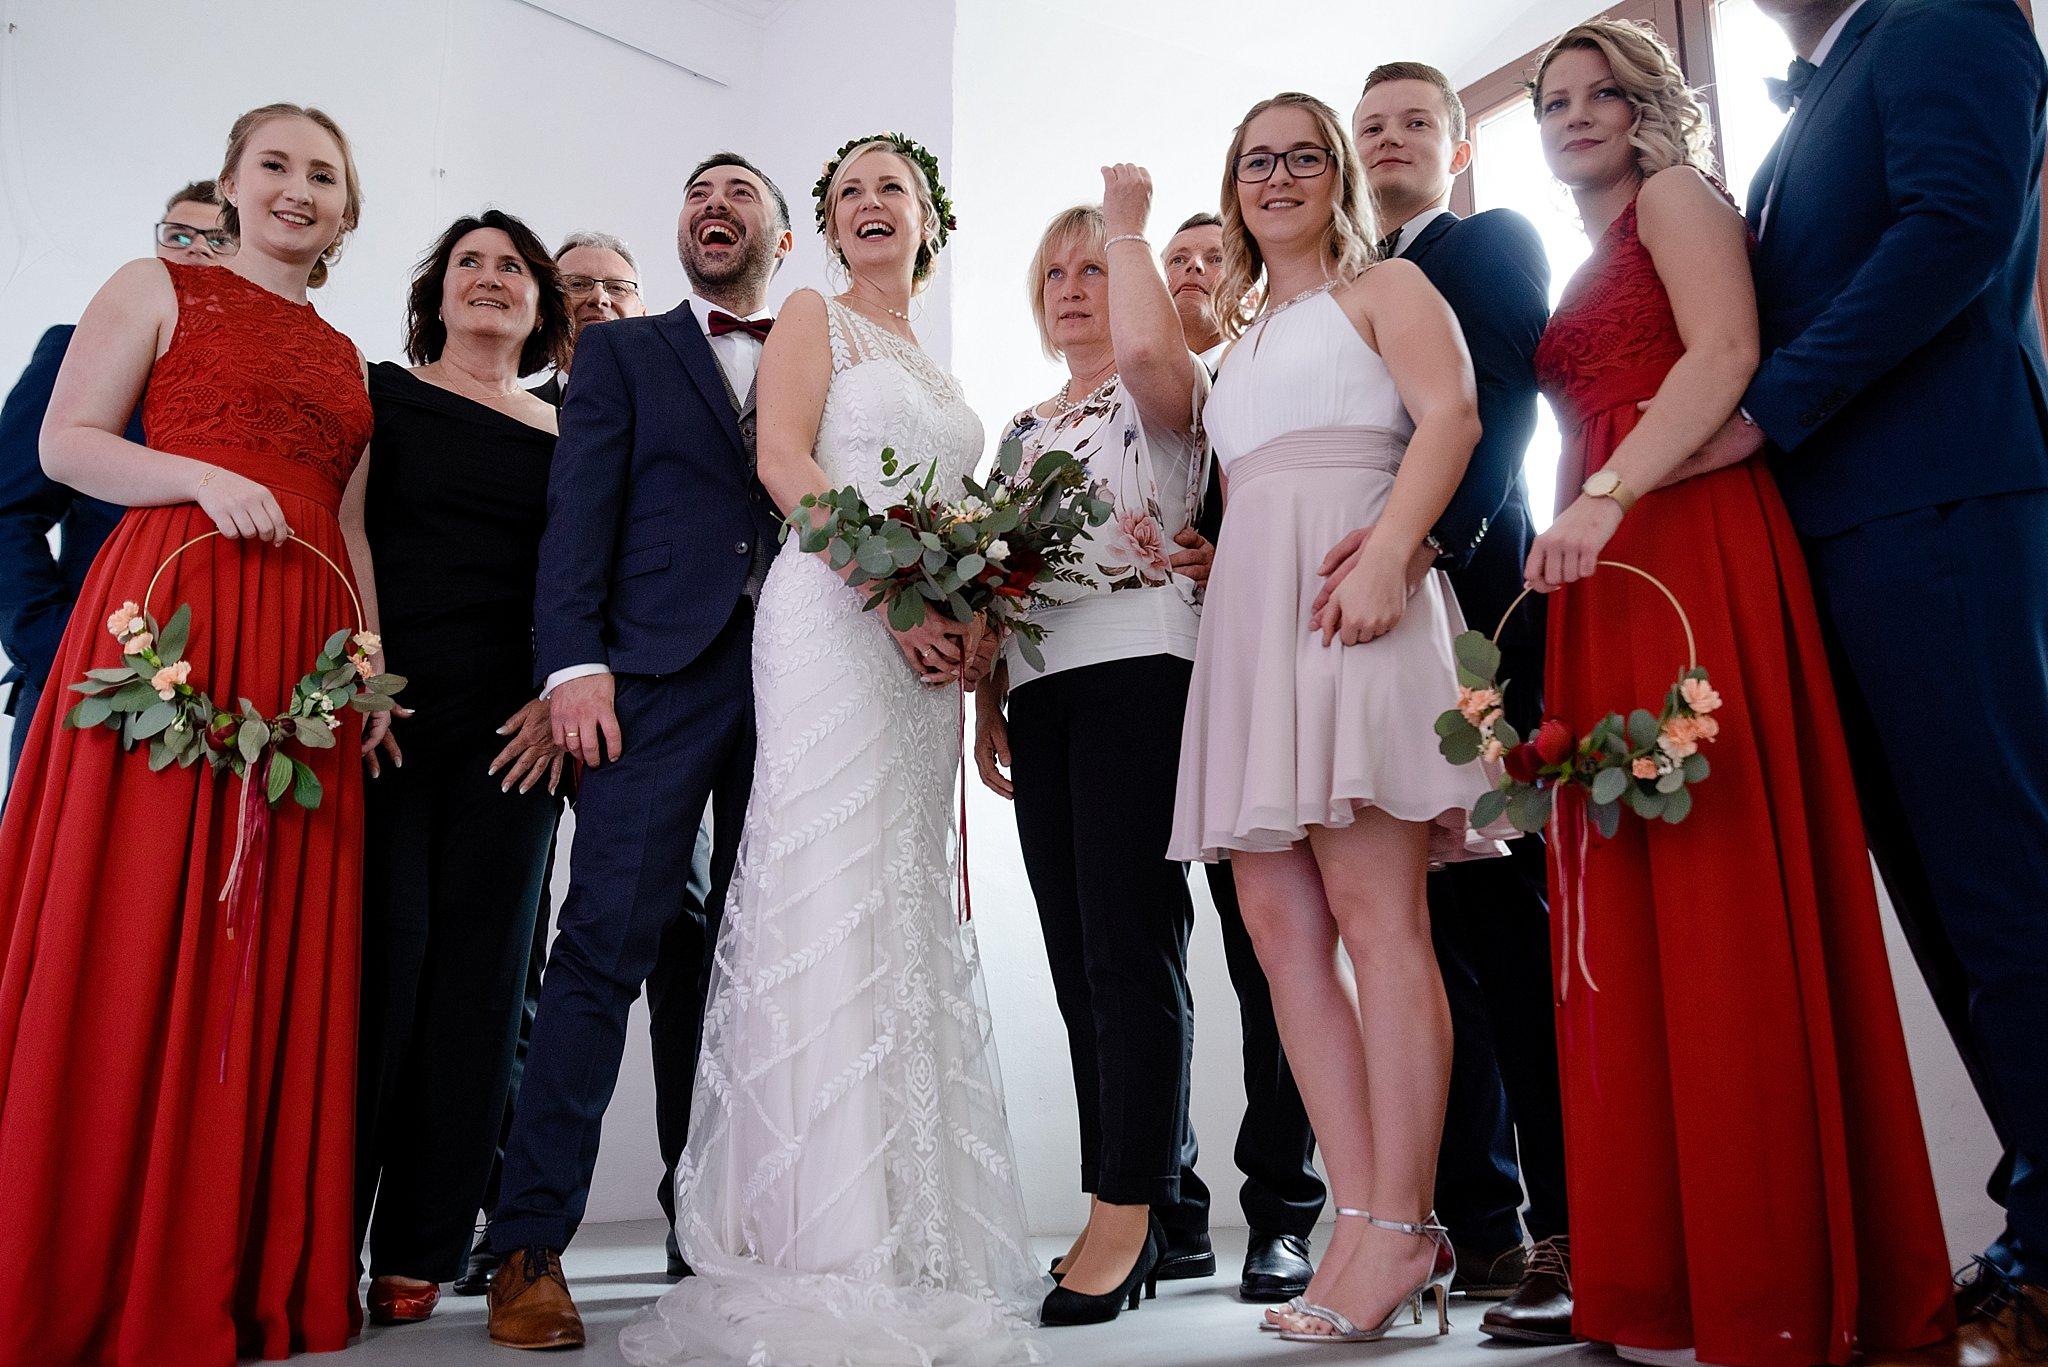 Hochzeit-von-Marina-Dominik-auf-Burg-Wernberg-und-Schloss-Friedrichsburg-00087